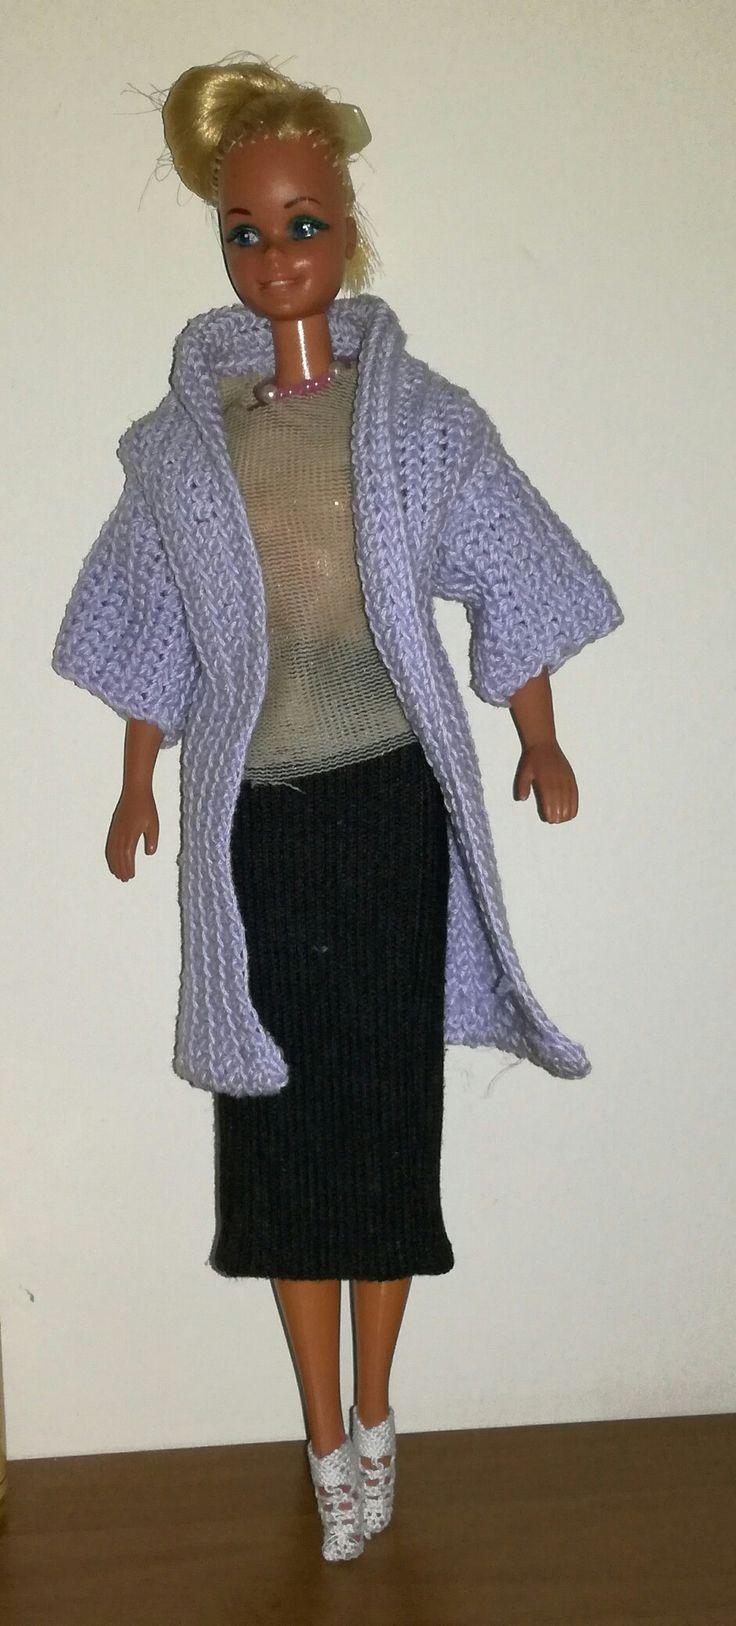 maglietta di tulle gonna di cotone elasticizzato cappottino all'uncinetto e stivaletti in pizzo creato tutto a mano